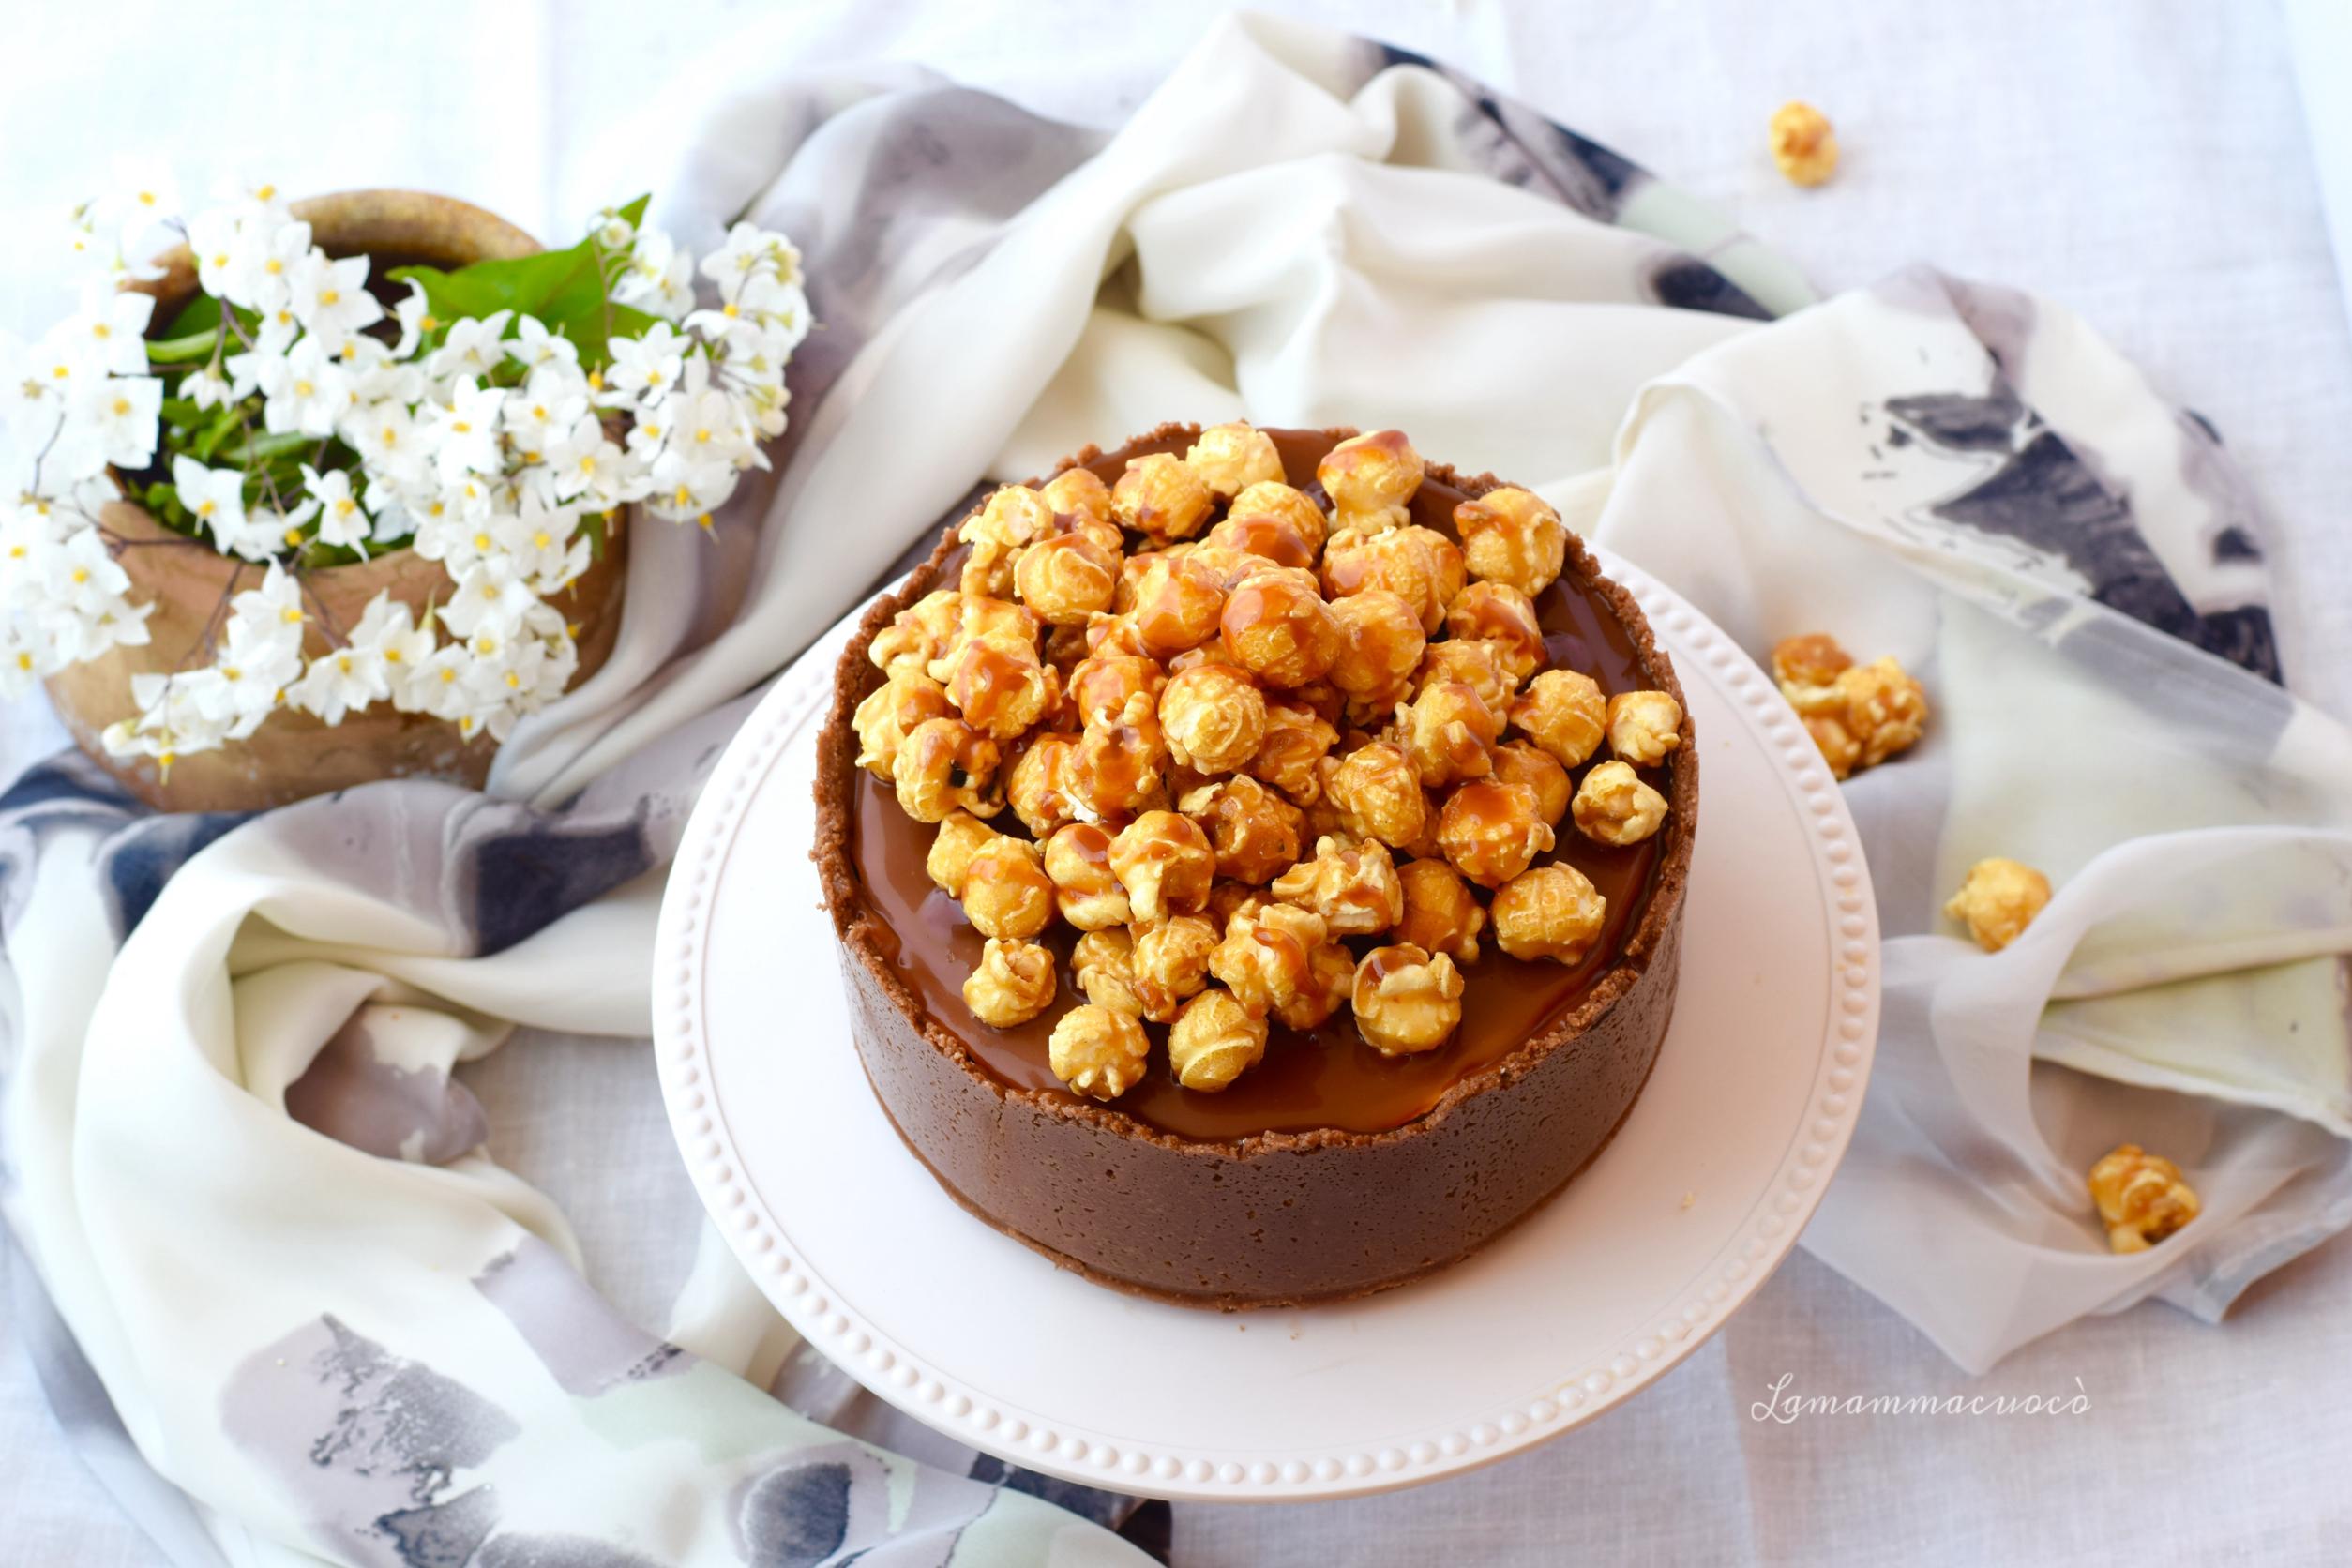 Cheesecake alla vaniglia, salsa mou e pop corn caramellati